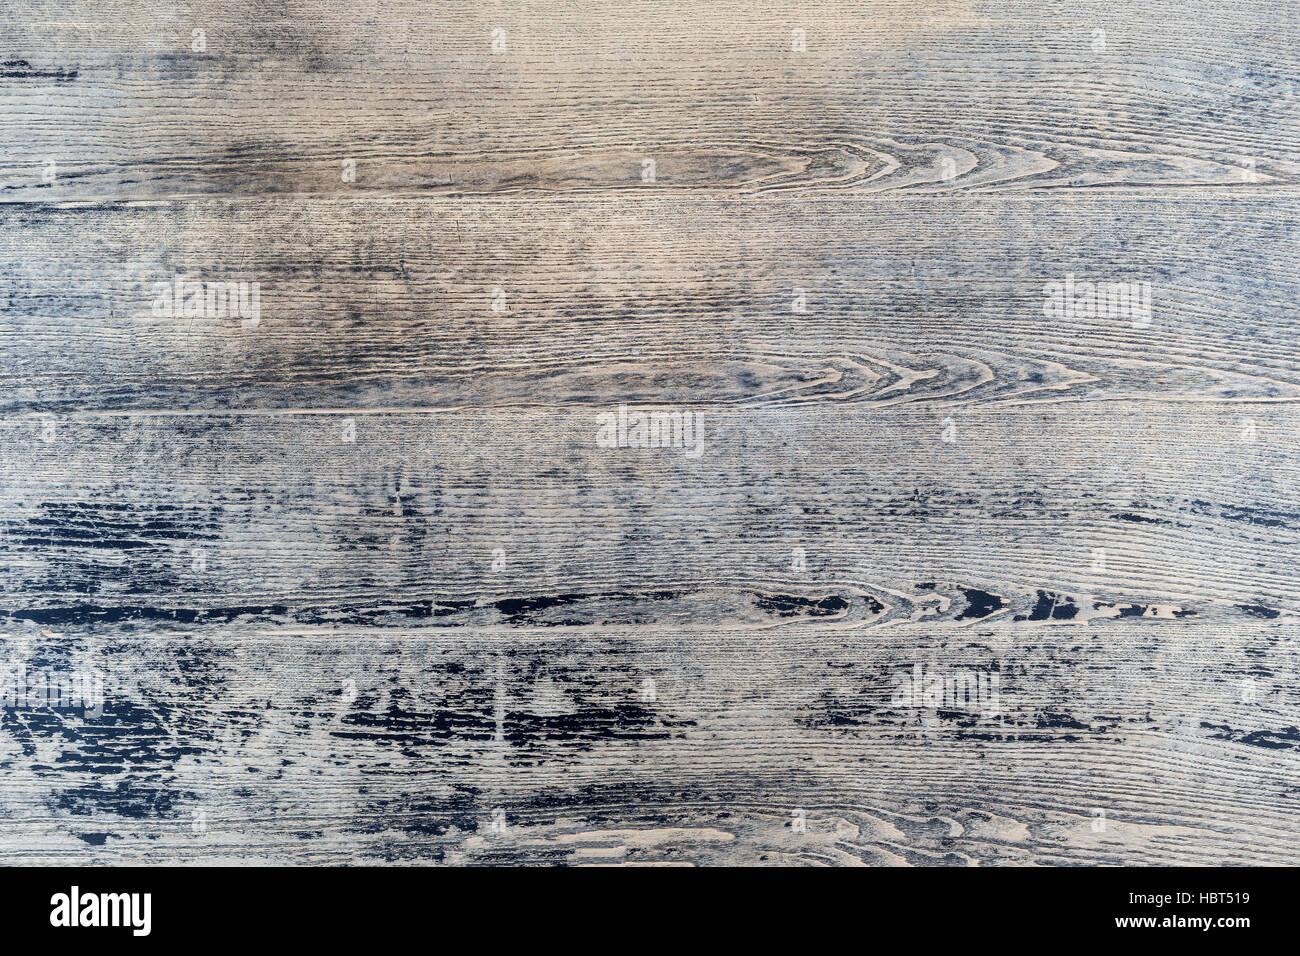 Vintage Background-Wooden verniciato Plank bordo grigio nero catrame di  legno vernice Texture Detail Immagini da2634b0f0b7